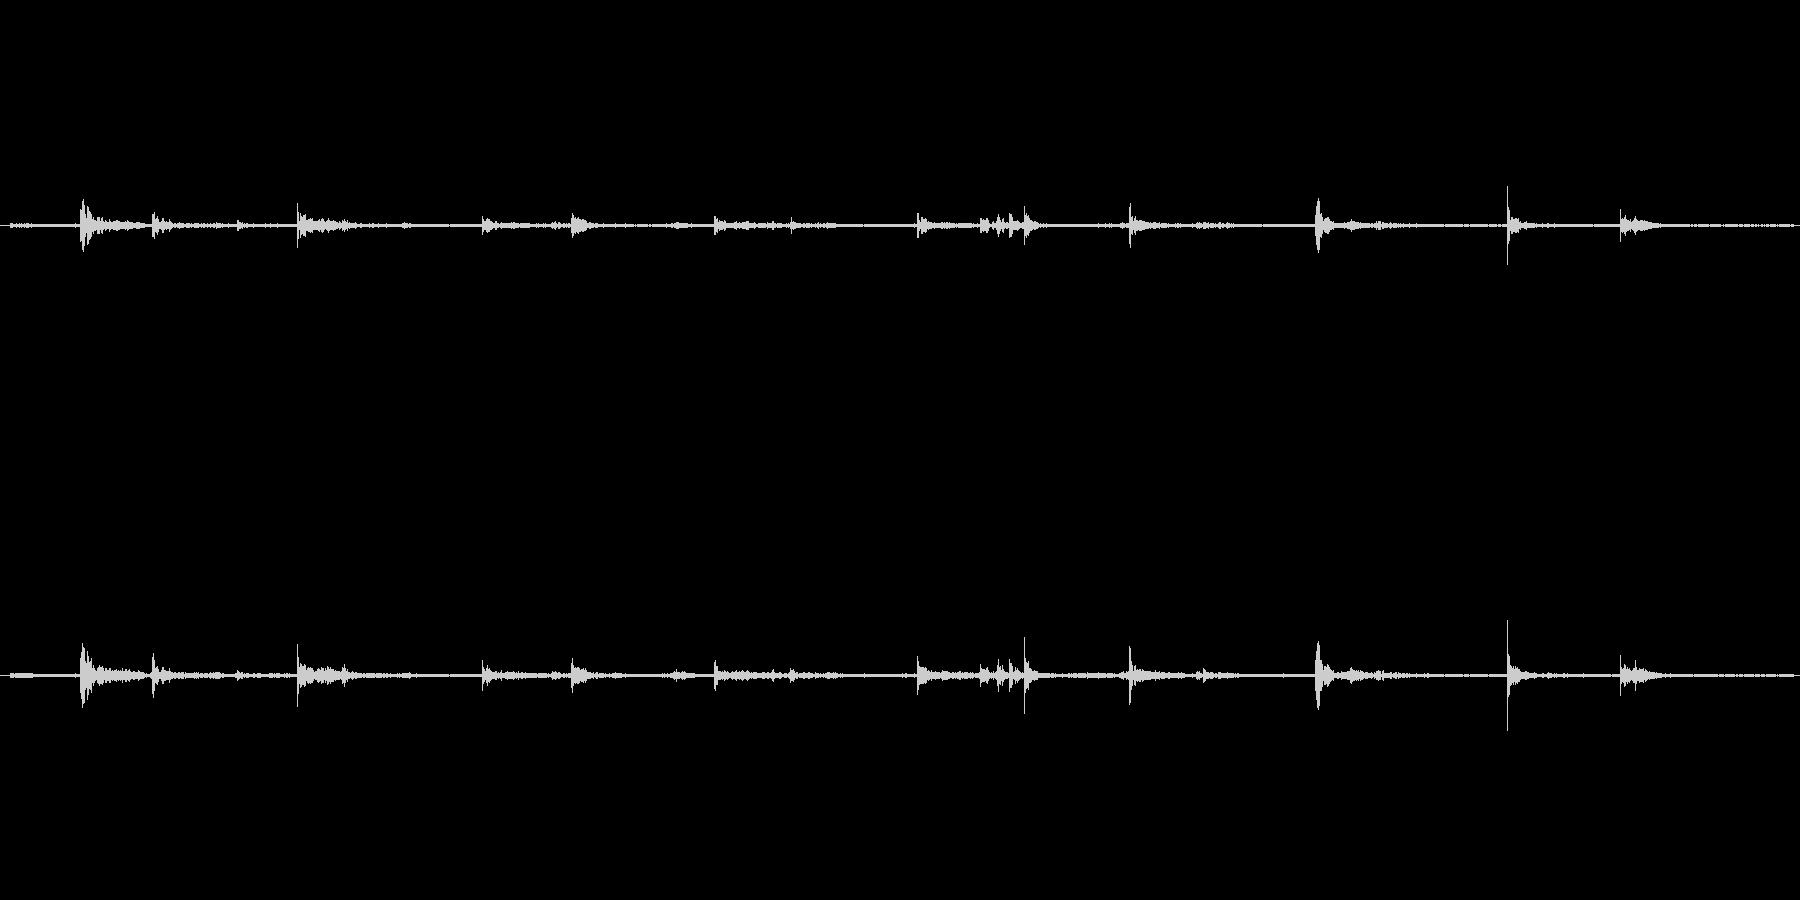 【生音】歩く・室内・スリッパ - 1 …の未再生の波形